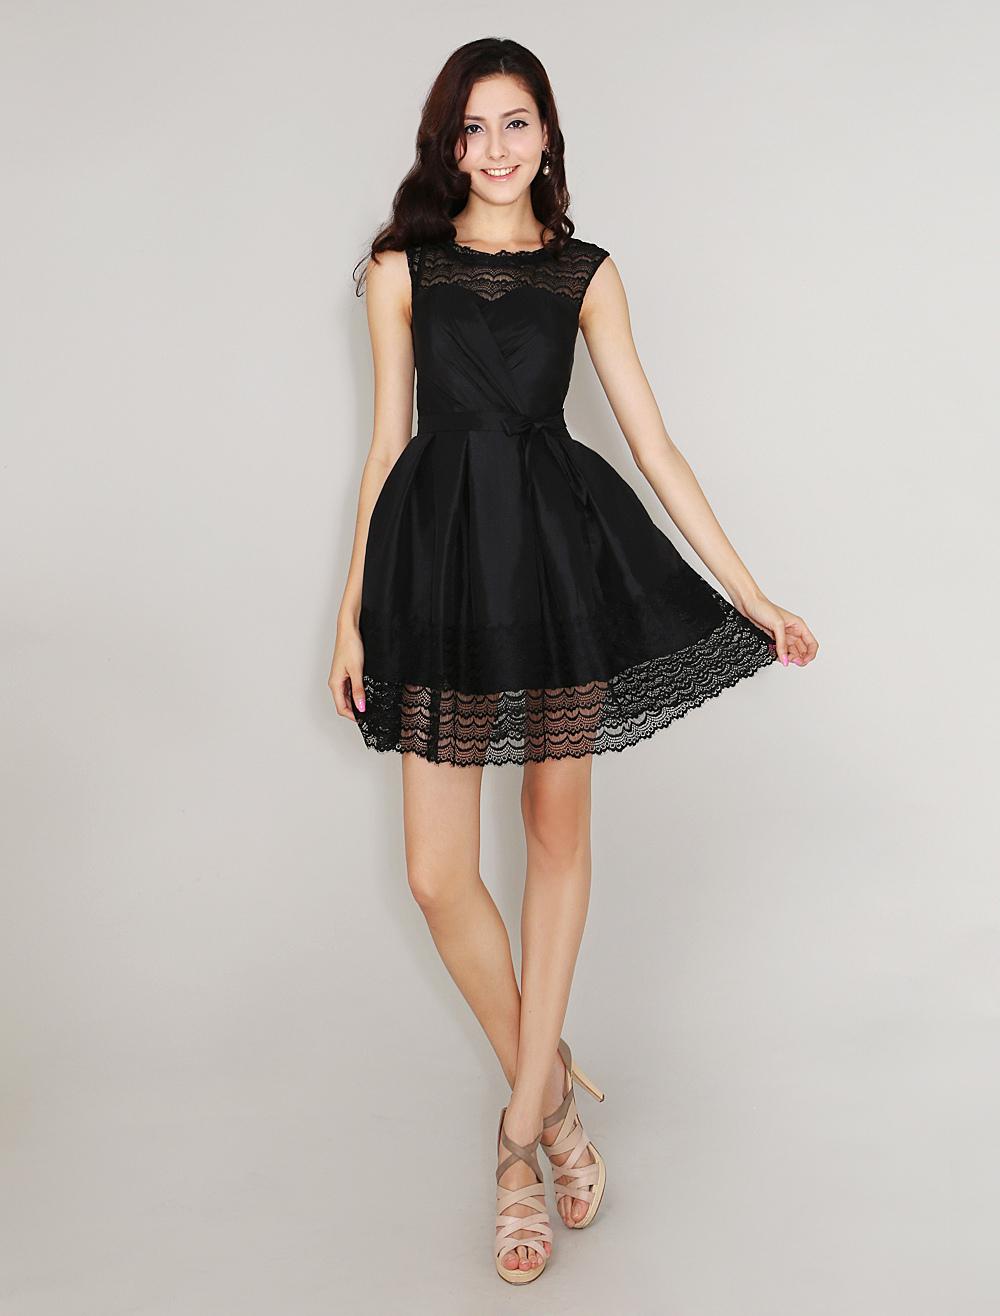 pour choisir une robe robe noire pour jeune fille. Black Bedroom Furniture Sets. Home Design Ideas